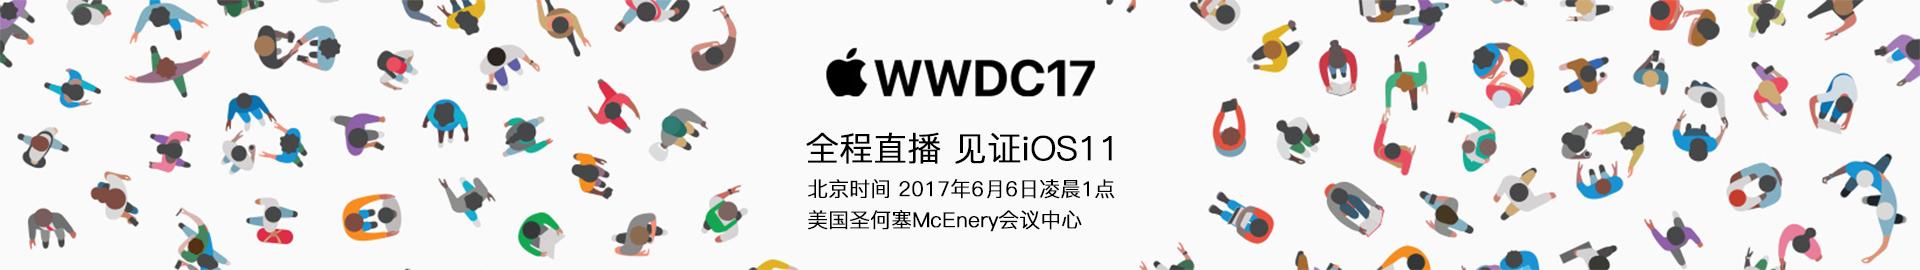 迎接全新iOS 11 WWDC 2017图文直播